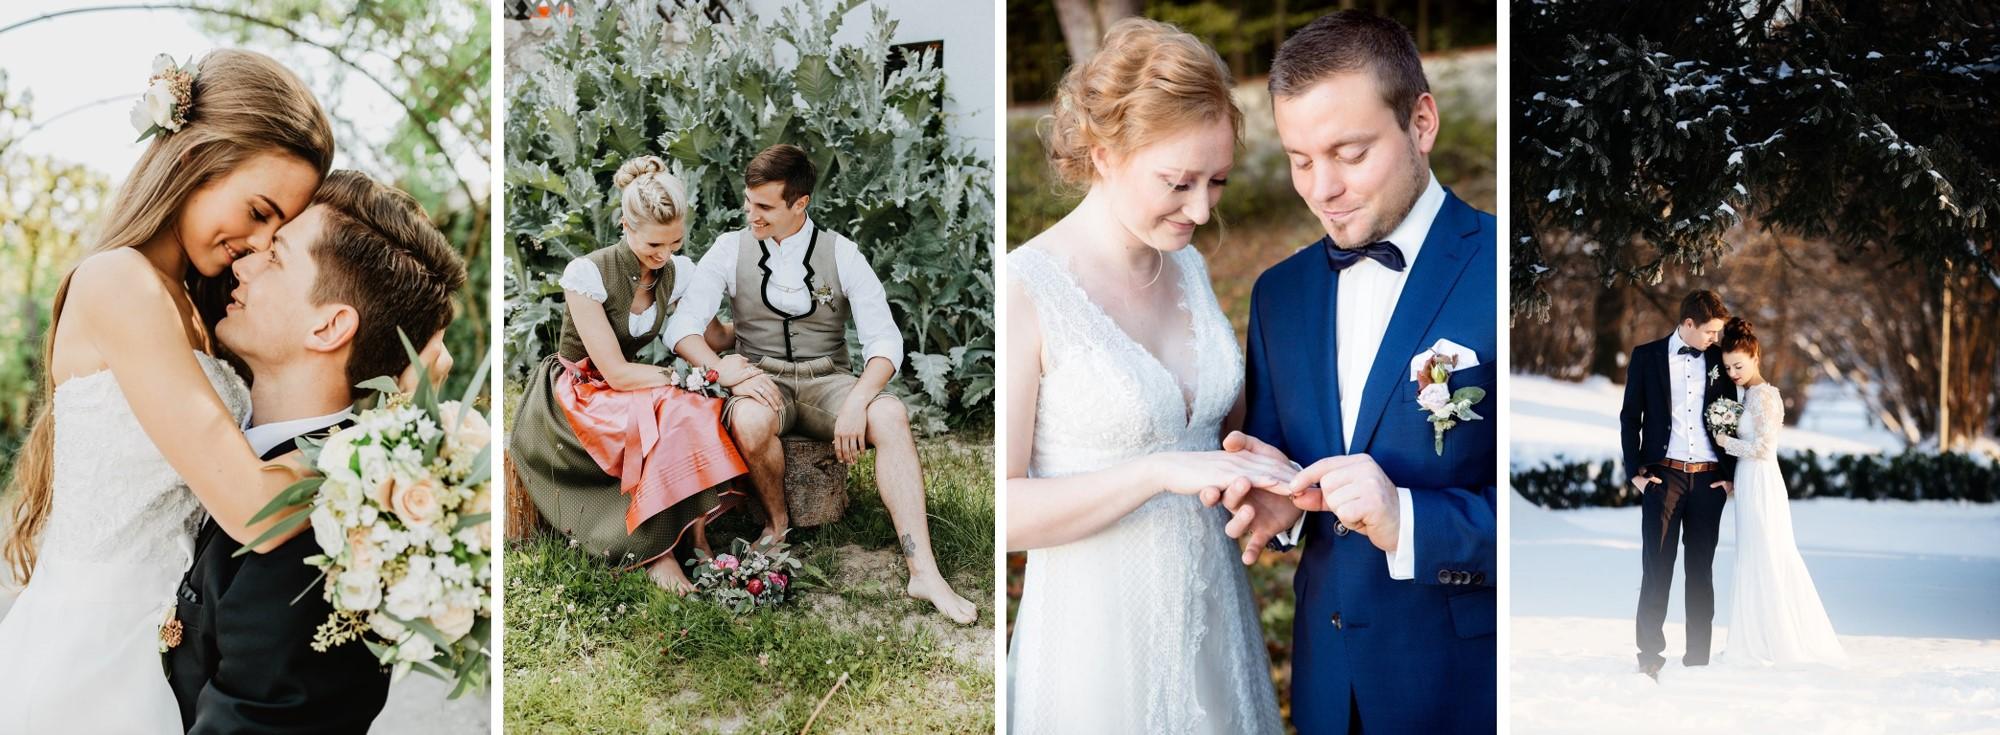 Hochzeitsplaner Chiemsee, Rosenheim, Bettina Kling; hochzeitsplanung Chiemgau